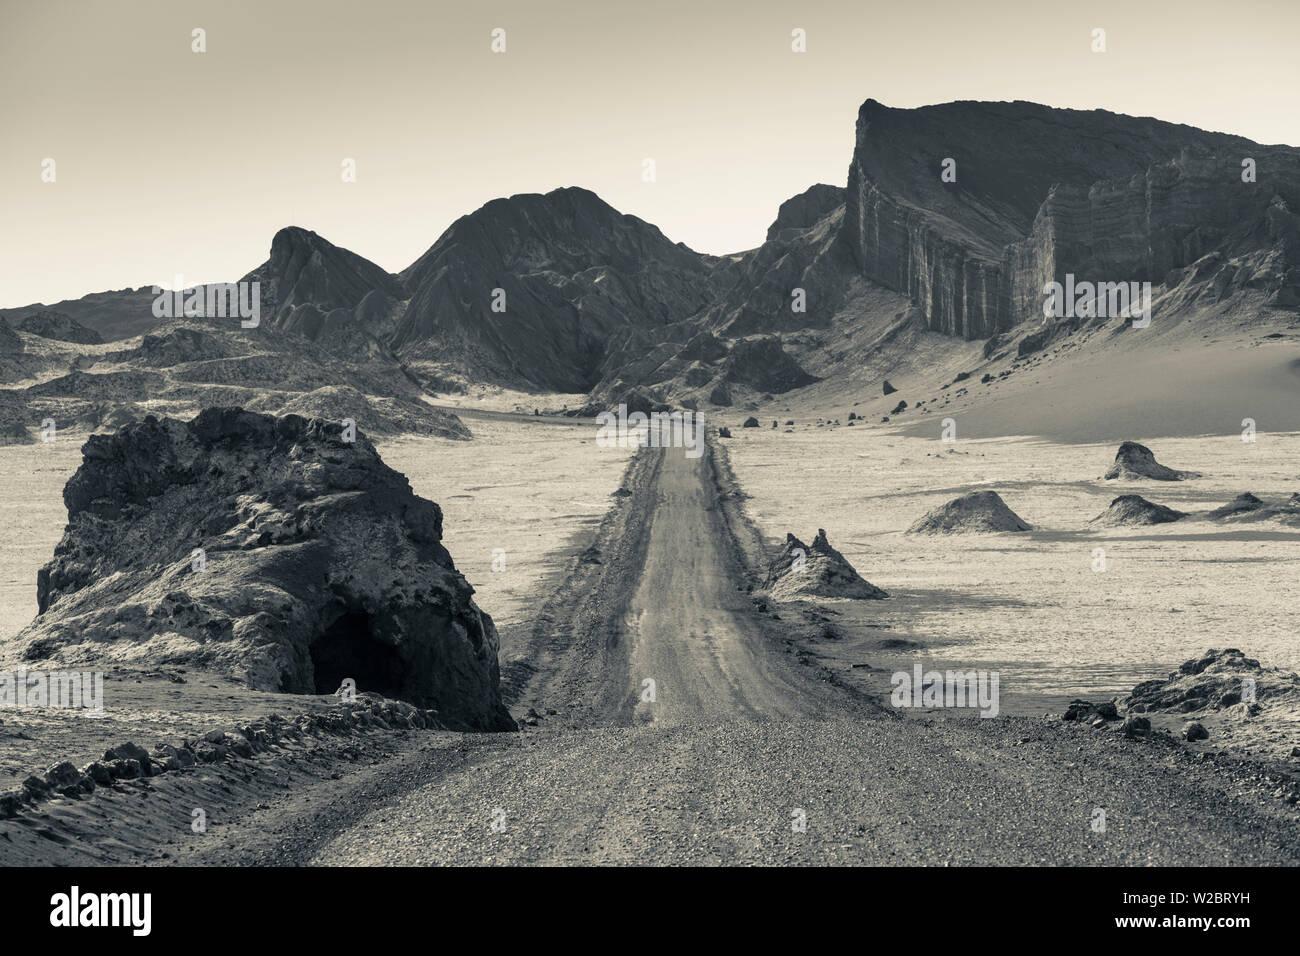 Chile, el desierto de Atacama, San Pedro de Atacama, Valle de la Luna, camino del valle Imagen De Stock